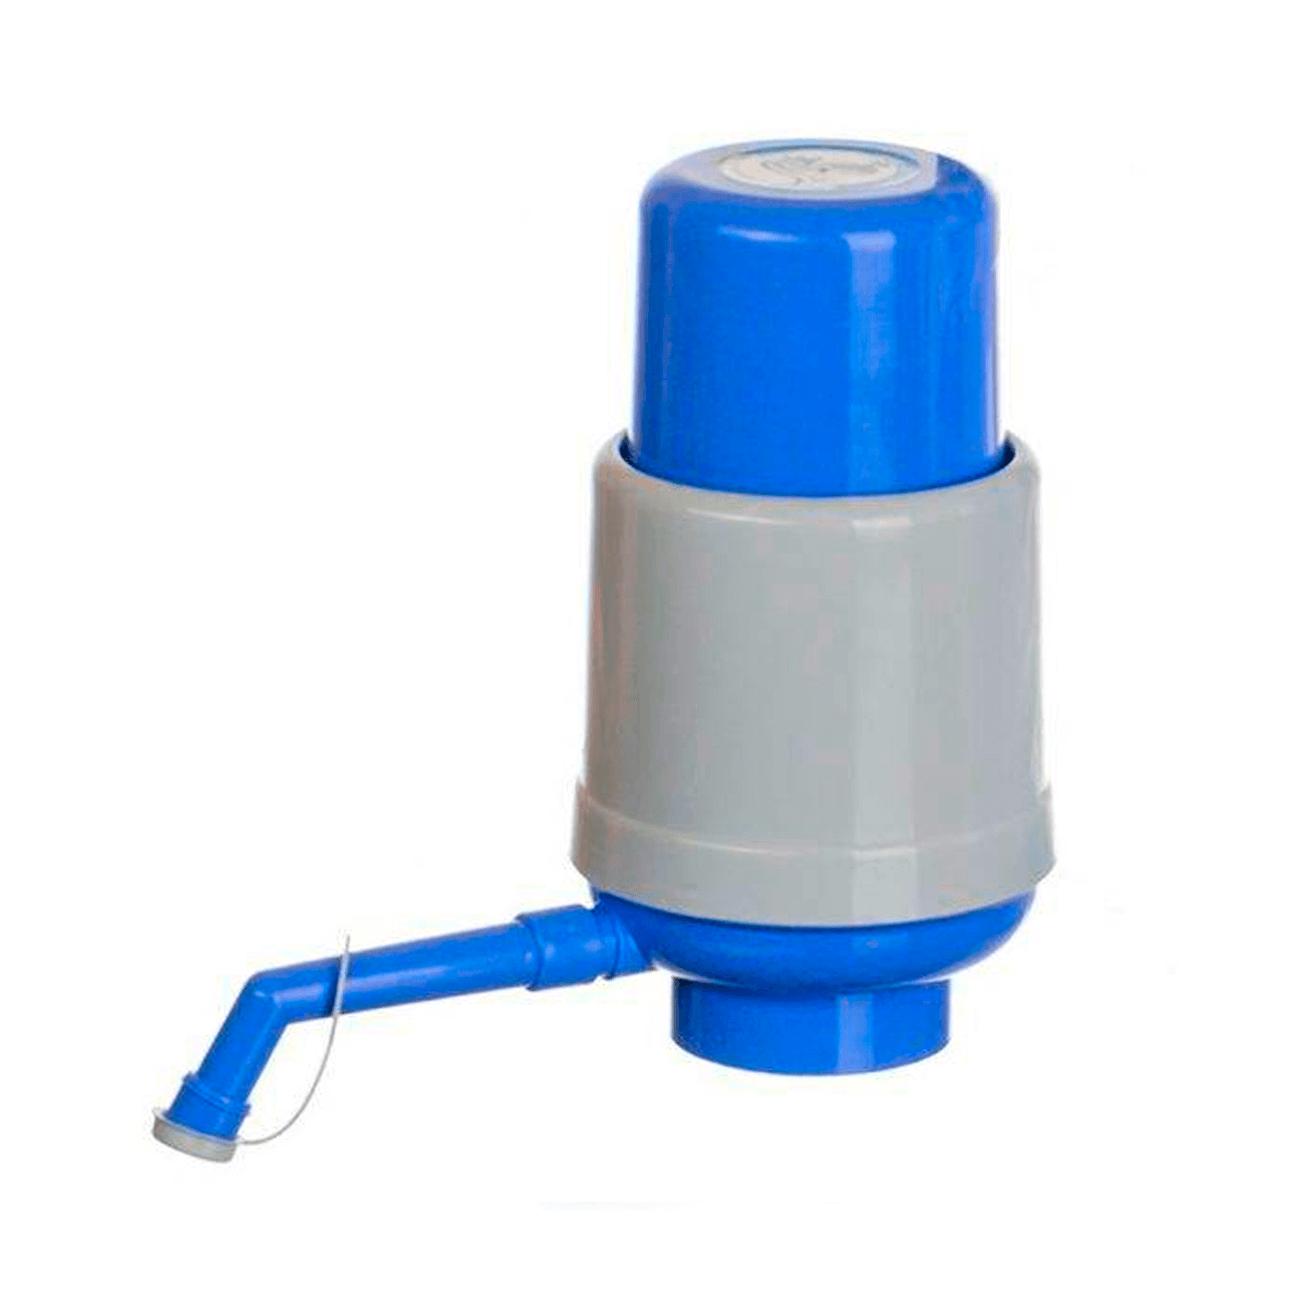 Помпы - {:ru}Помпа для воды Lilu (Эконом){:}{:uk}Помпа для води Lilu (Економ){:}